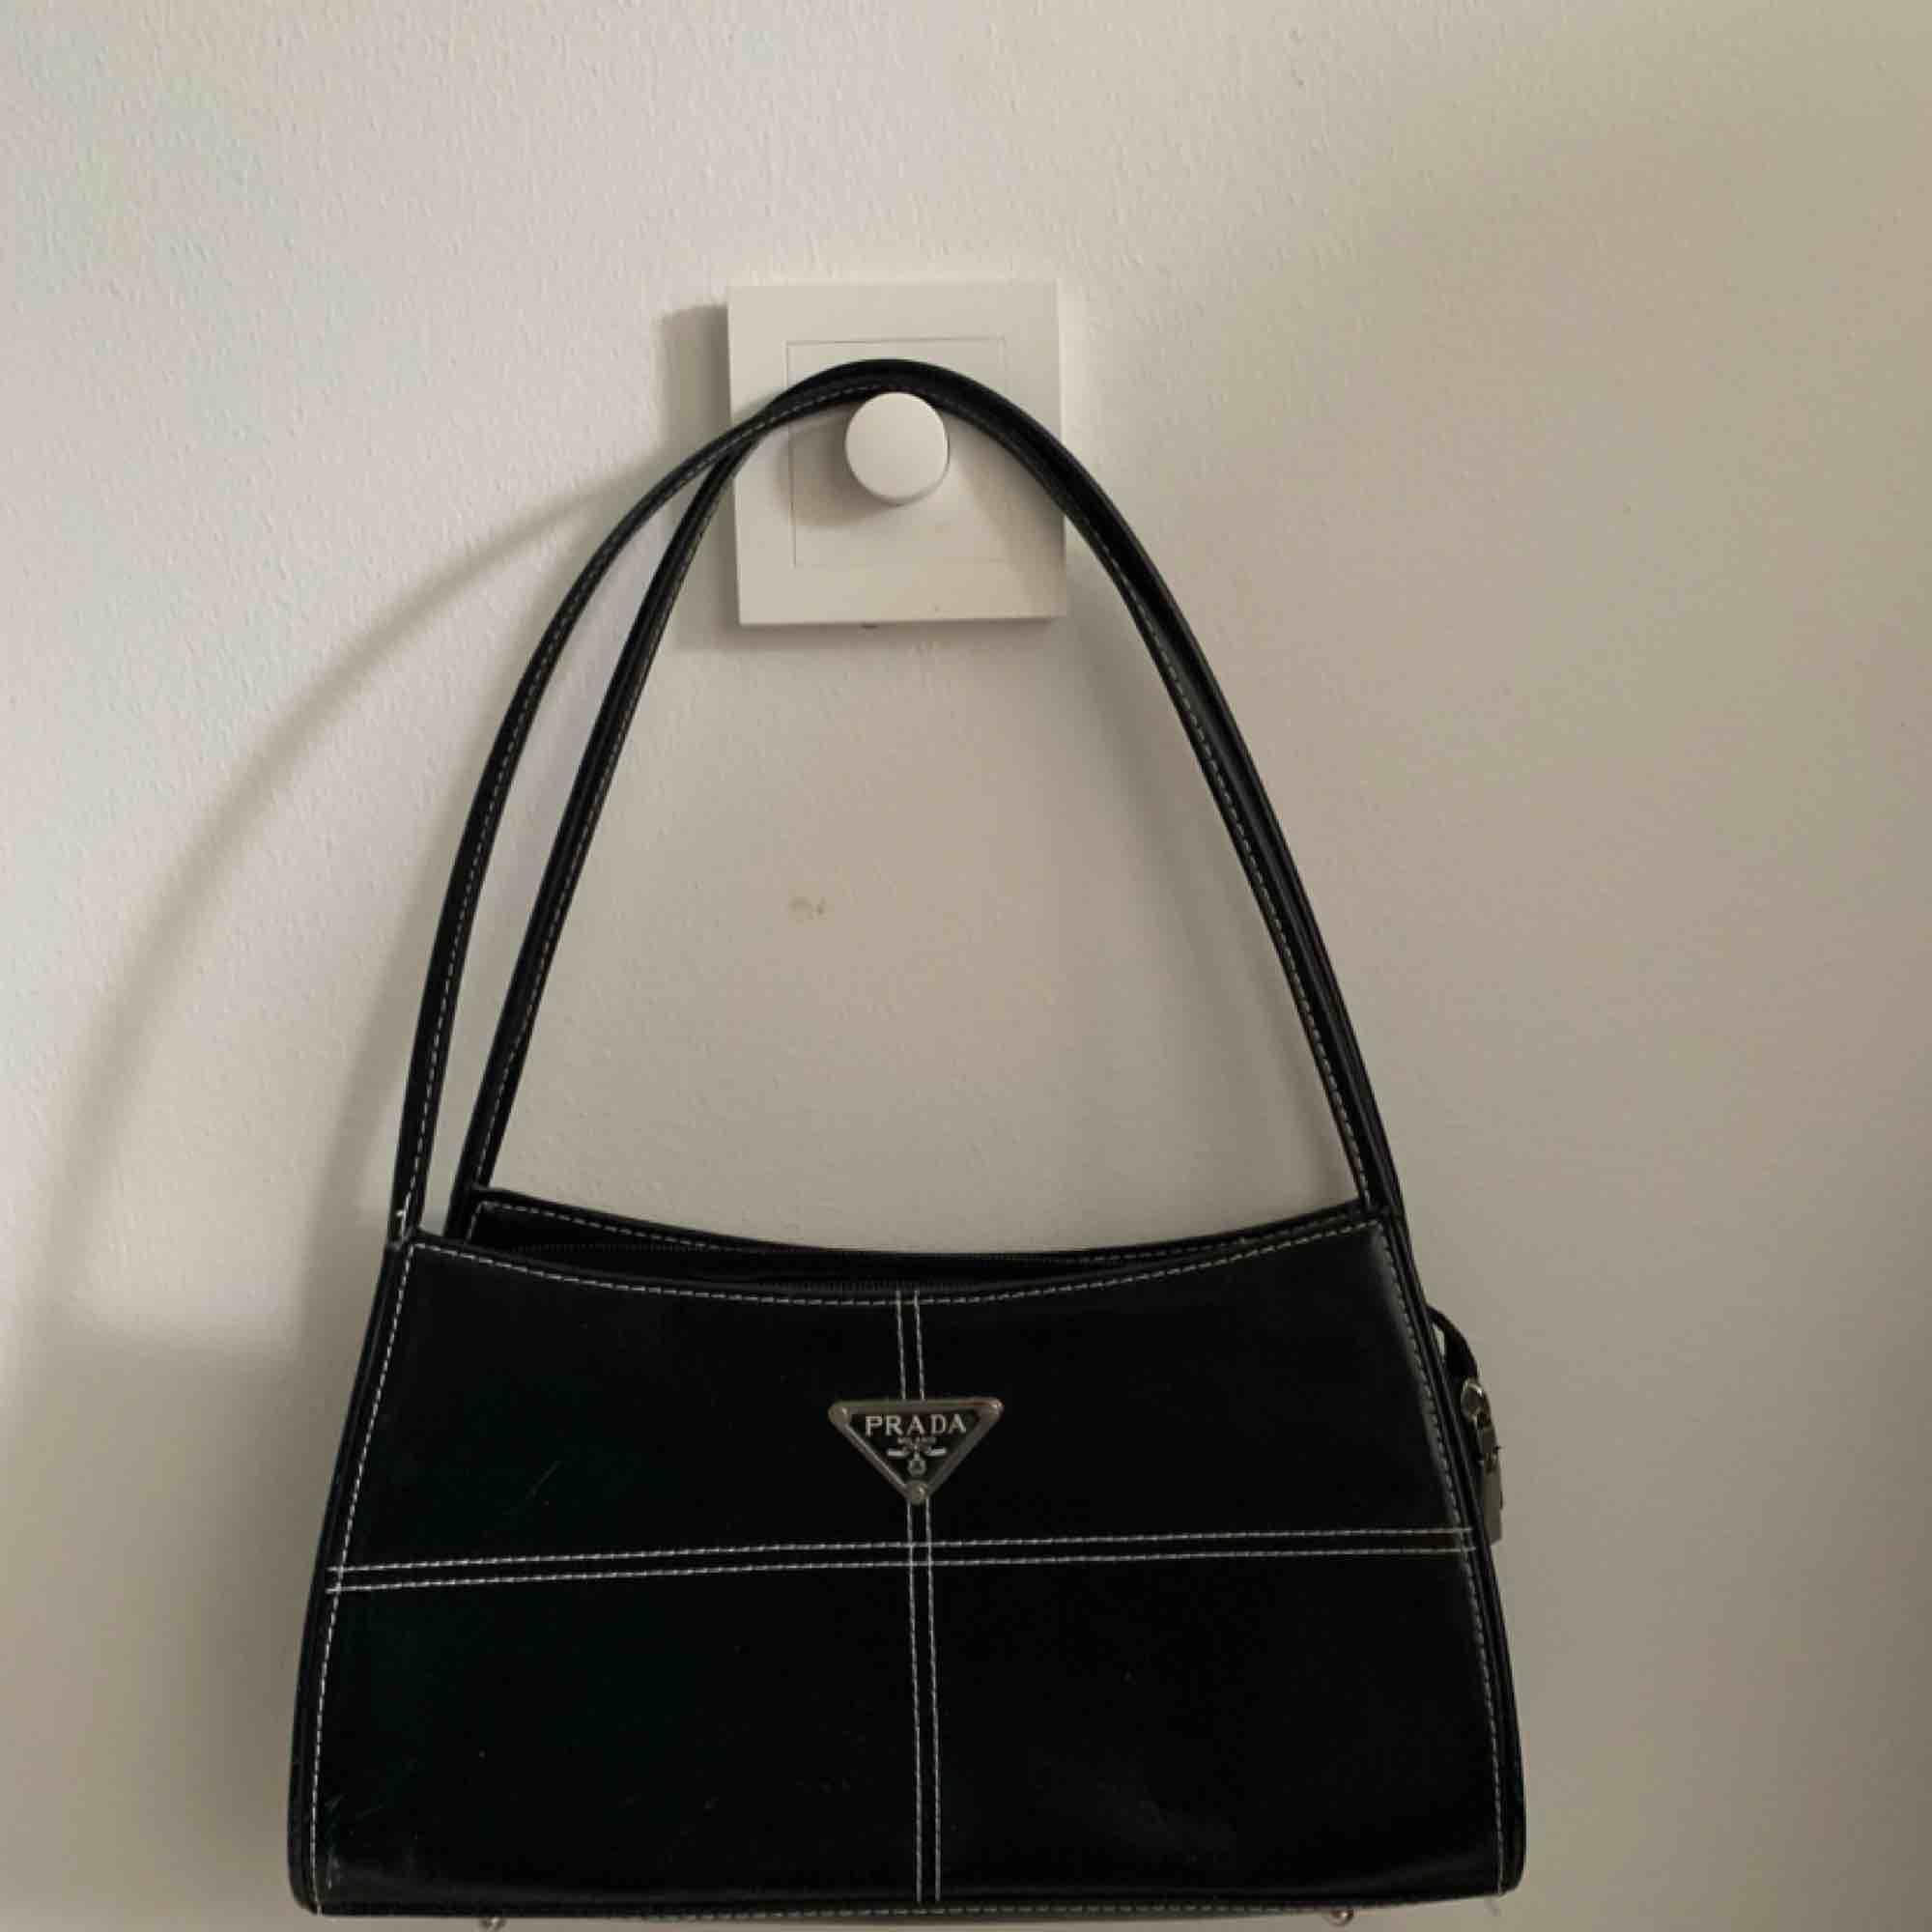 #prada #väska . Väskor.